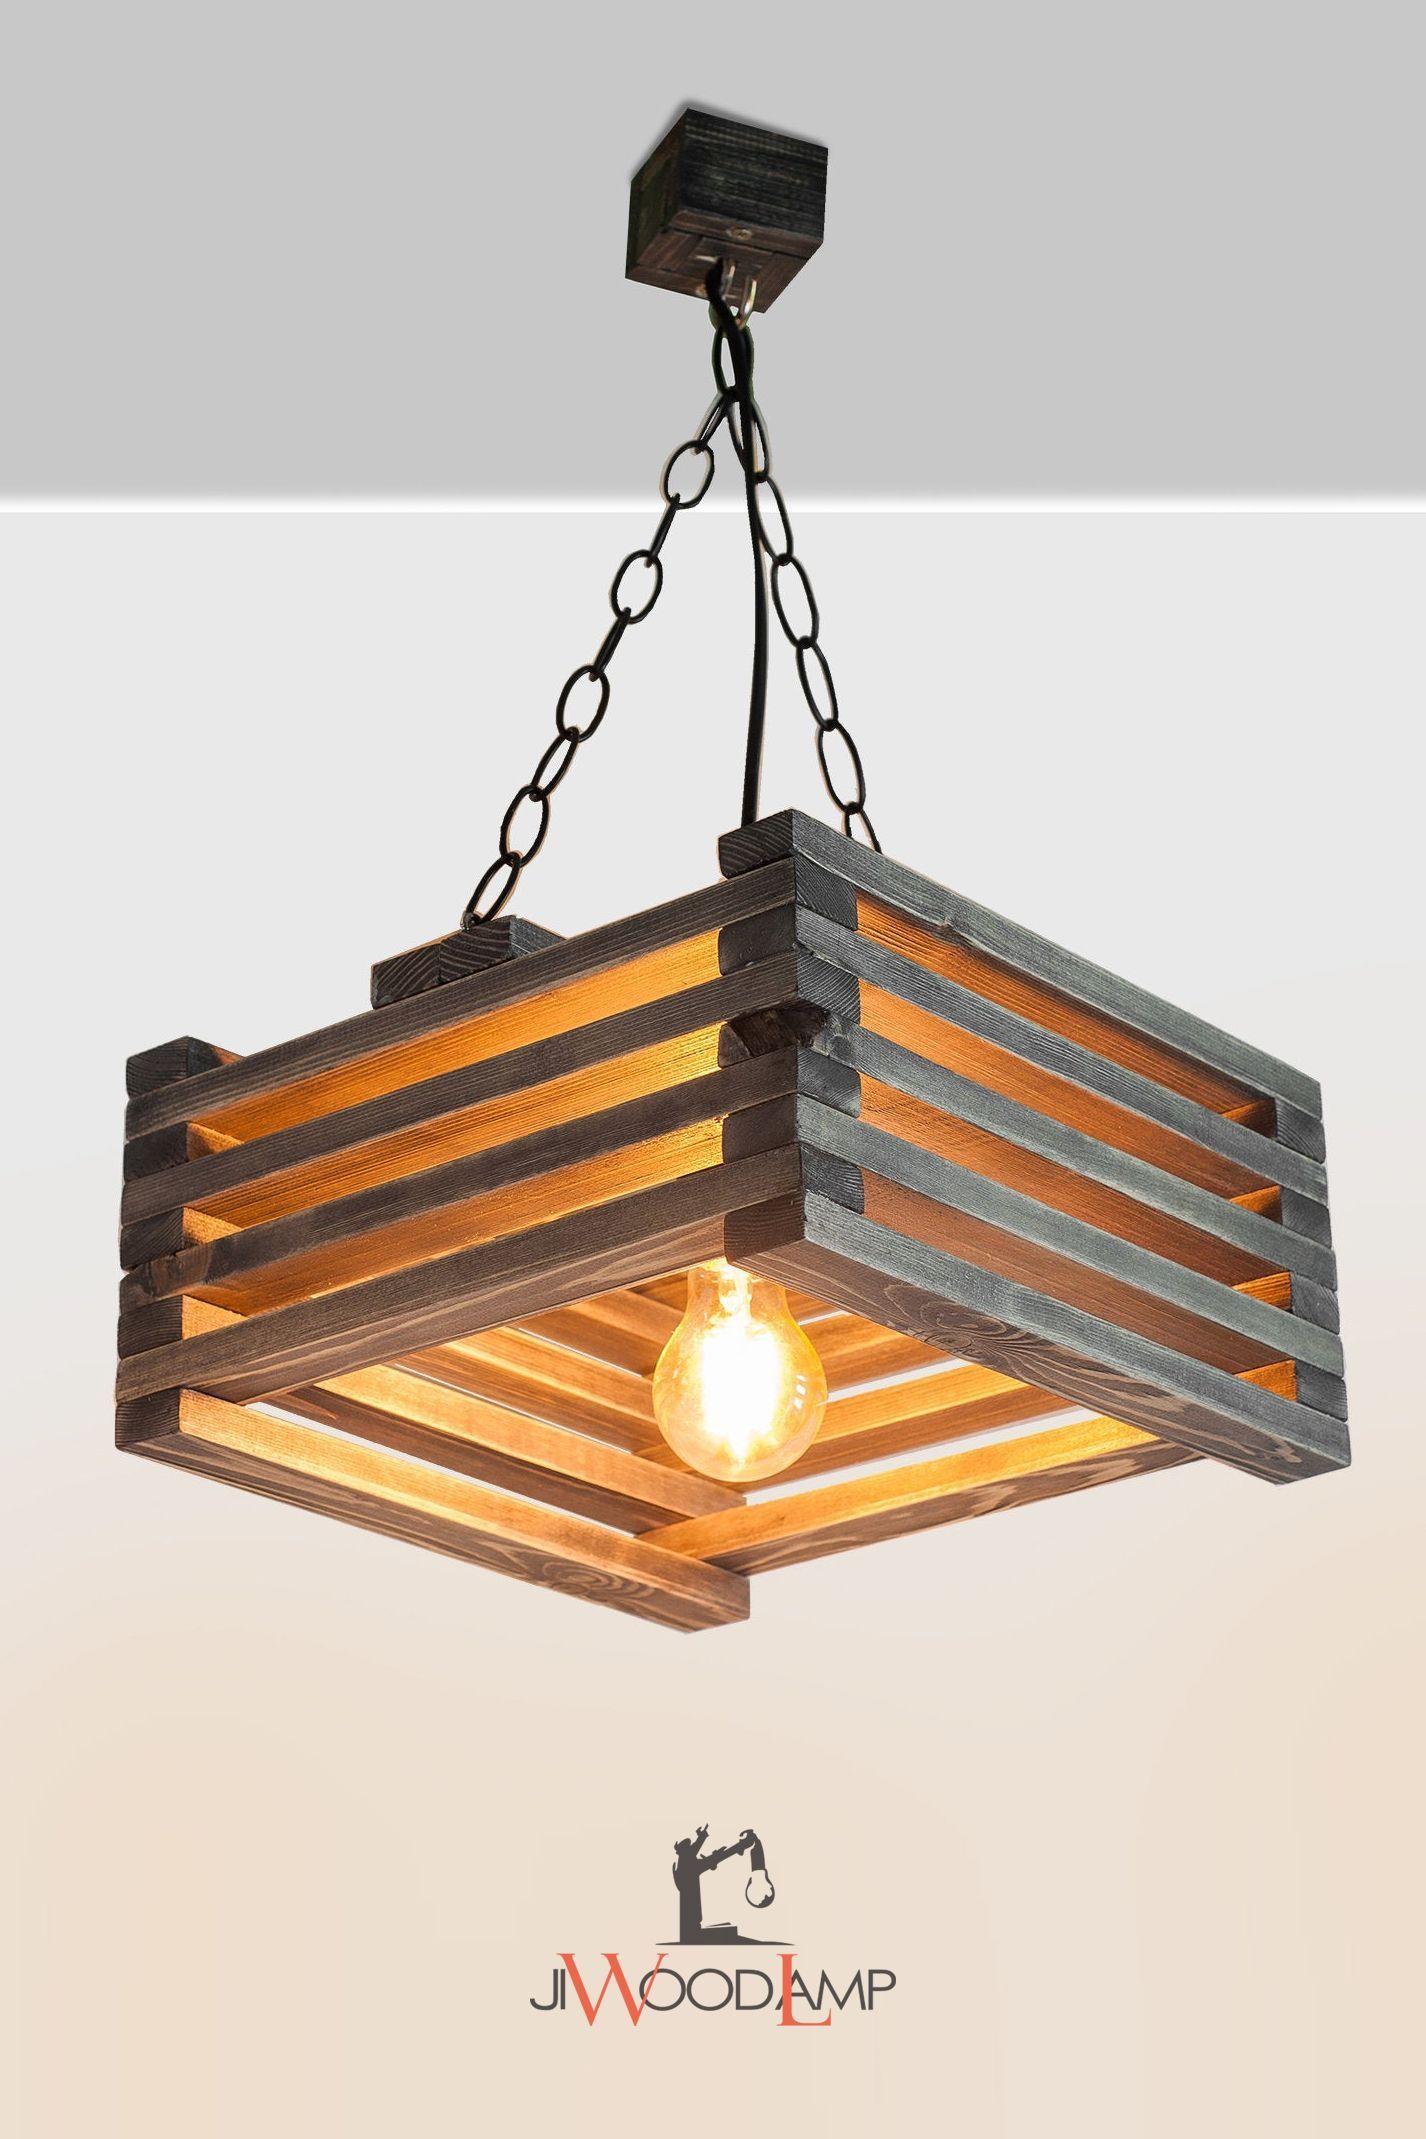 Full Size of Wood Pendant Lamp Deckenlampen Für Wohnzimmer Modern Led Deckenleuchte Deckenleuchten Decken Bad Deckenlampe Esstisch Deckenstrahler Schlafzimmer Lampe Wohnzimmer Holzlampe Decke